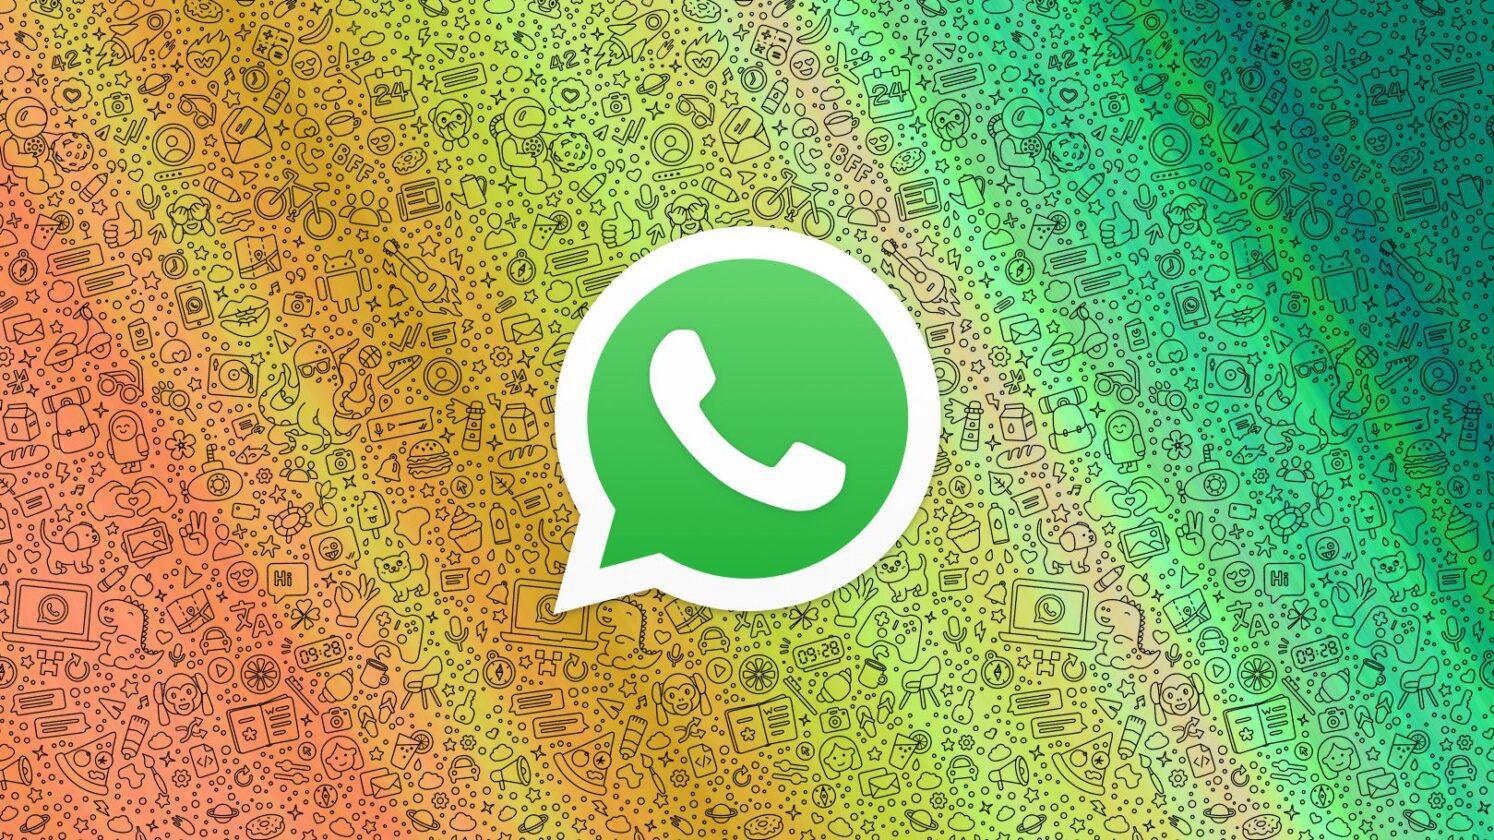 La Nouvelle Fonction Whatsapp Pour Supprimer L'audio Des Vidéos